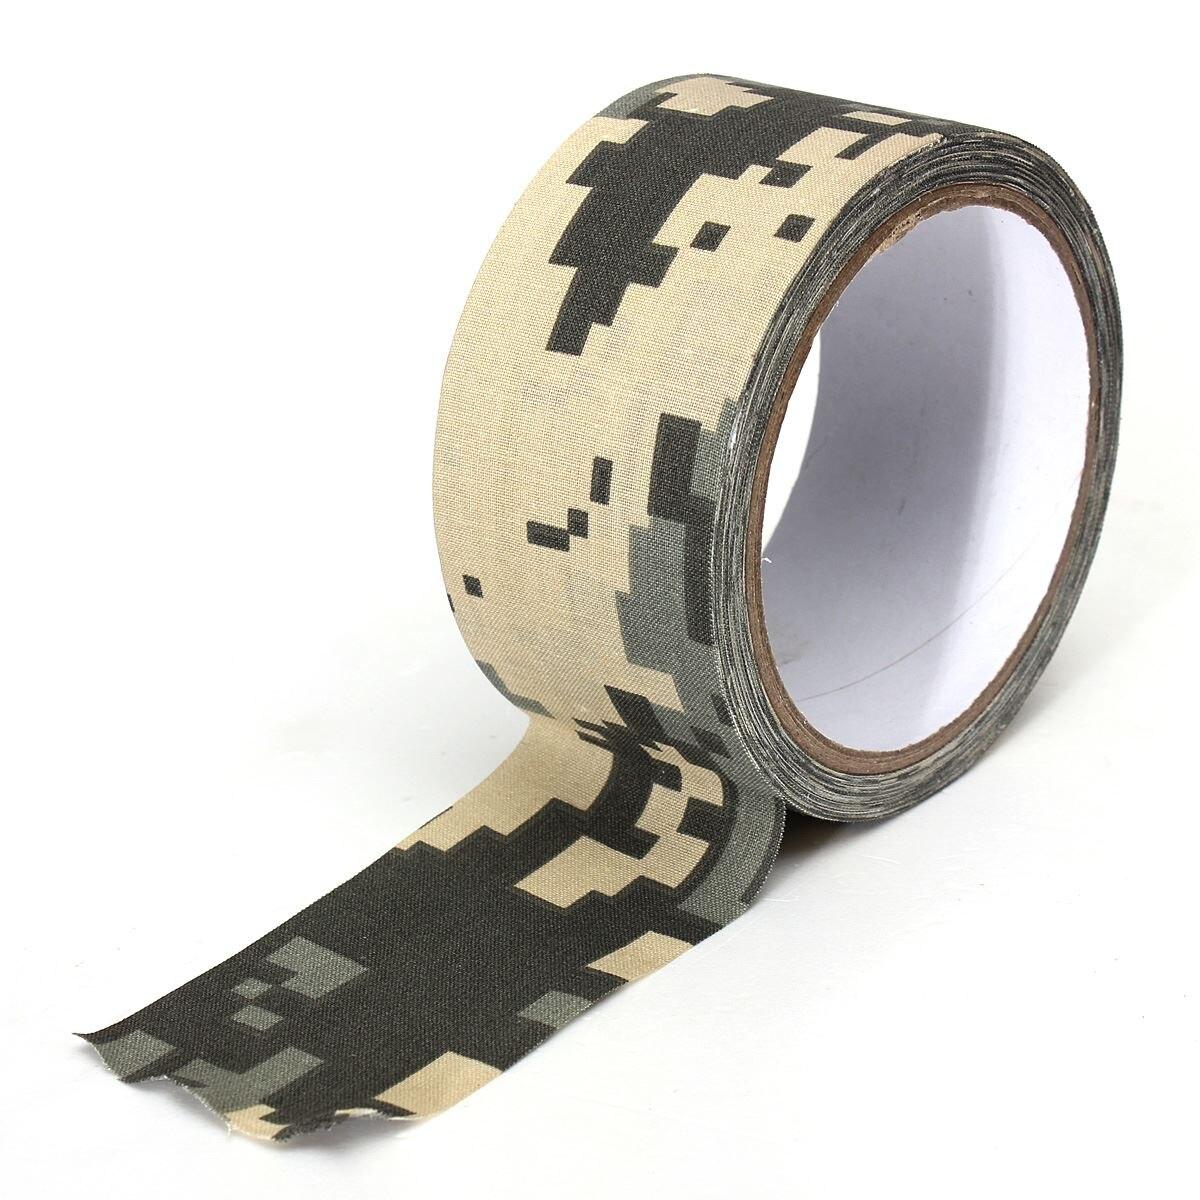 1 unids 0.05 m x 10 m Militar Camuflaje Invisible Cinta Adhesiva Pistola Rifle S